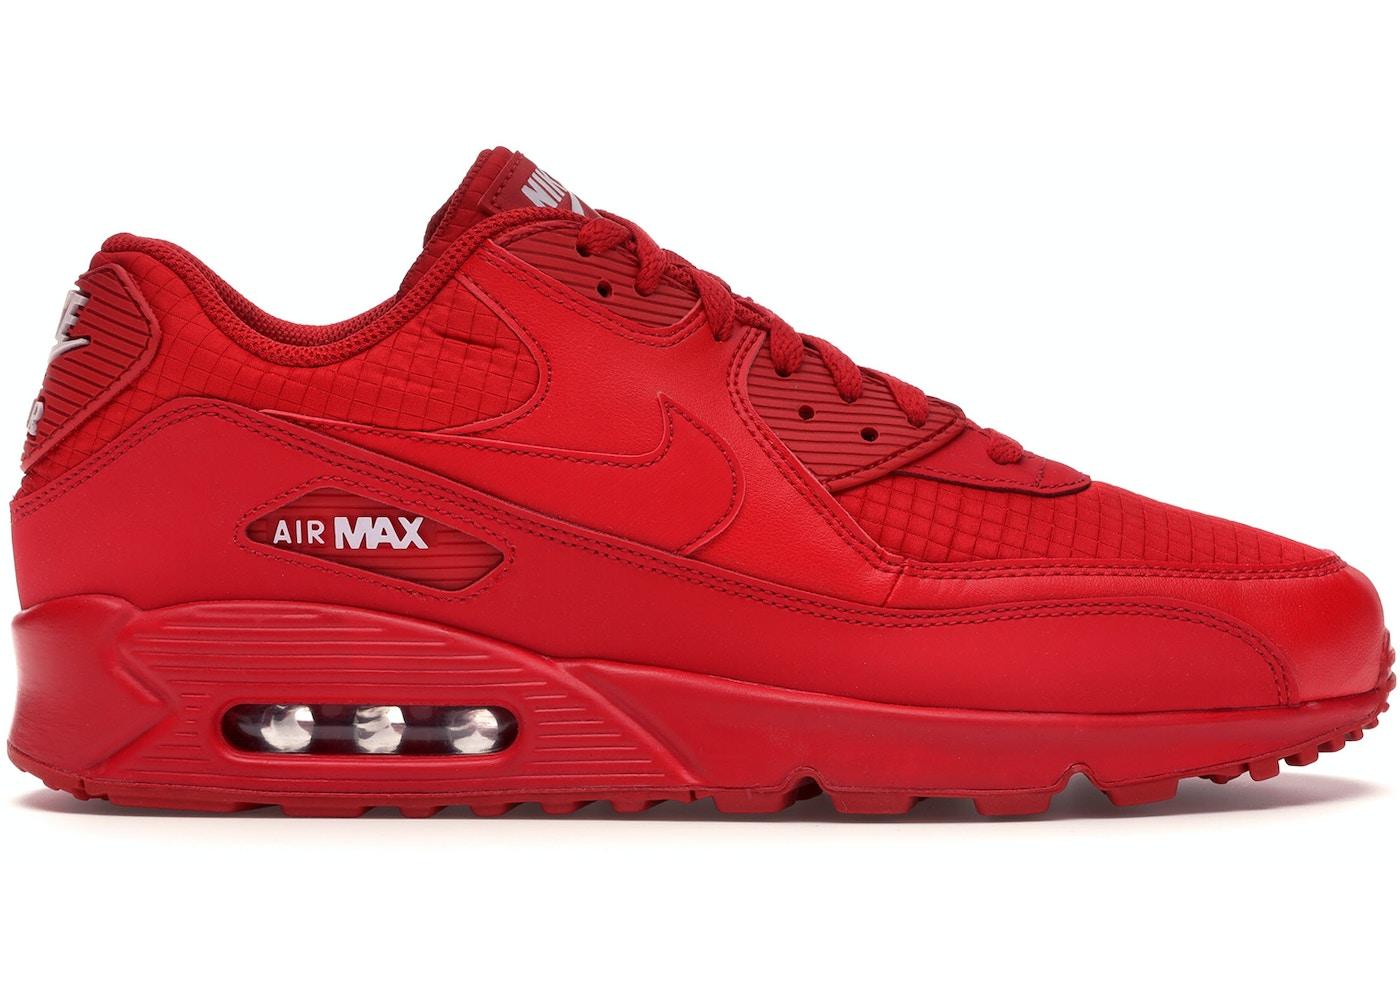 ef42e4b0 Air Max 90 Triple Red - AJ1285-602